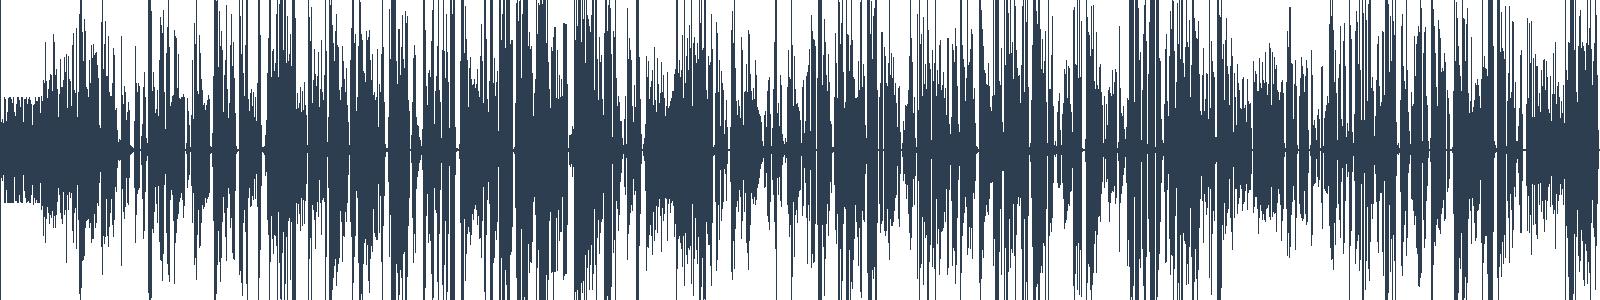 Audinovinky 32 - boje všeho druhu waveform